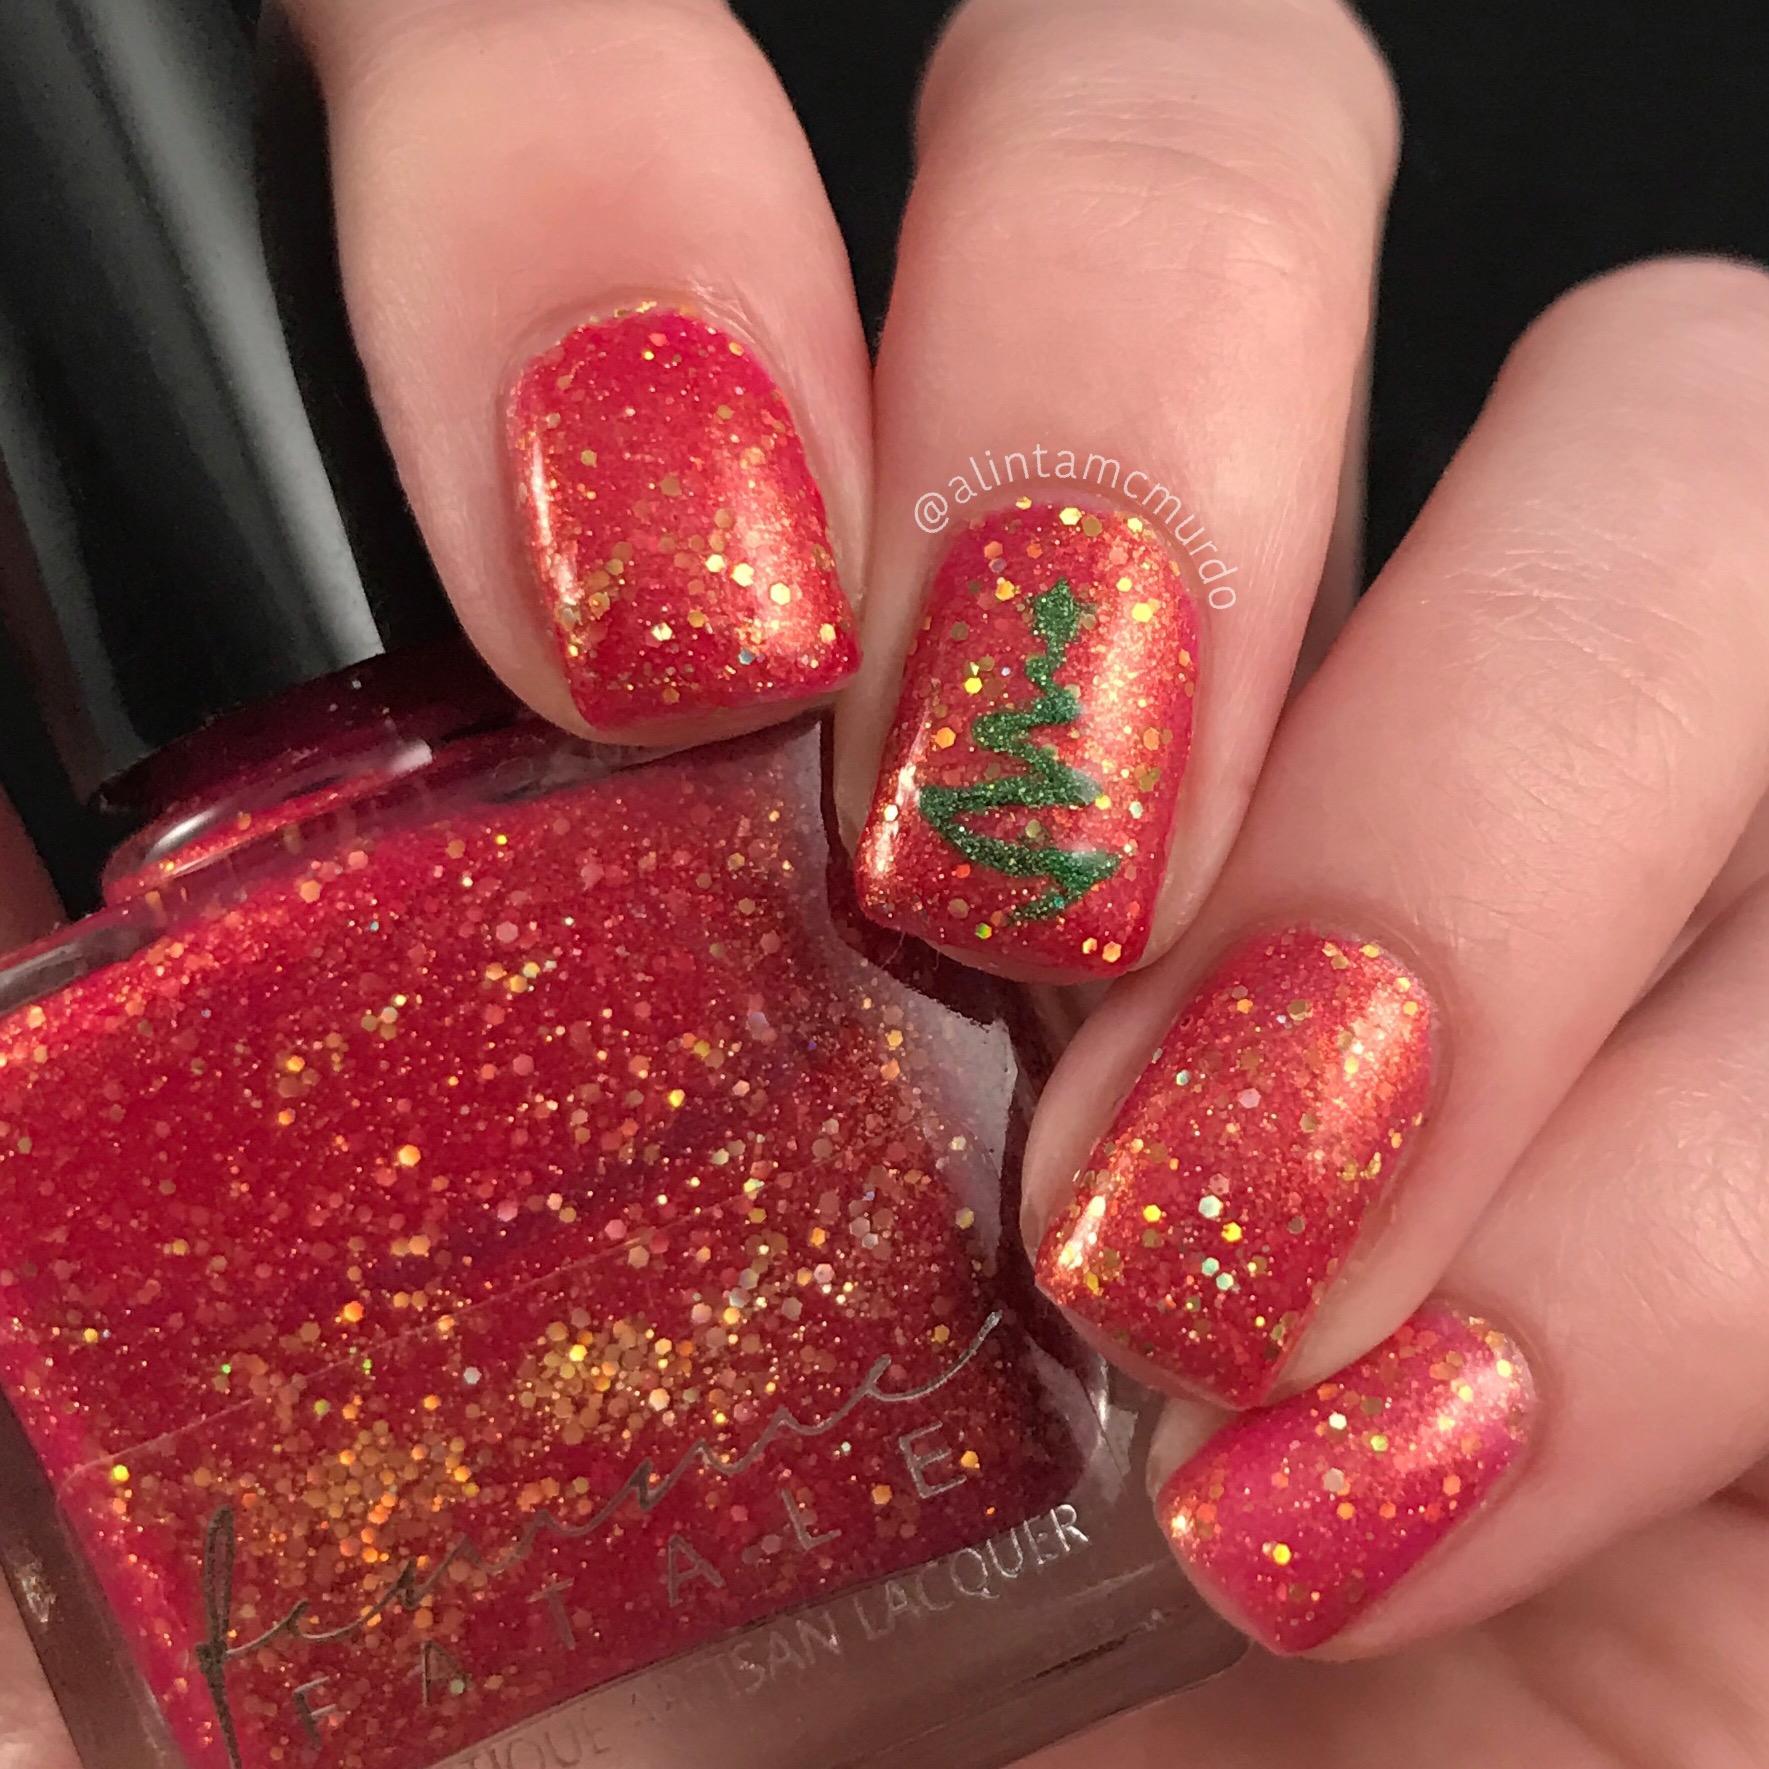 Thermal Christmas Tree Nails Polish And Paws